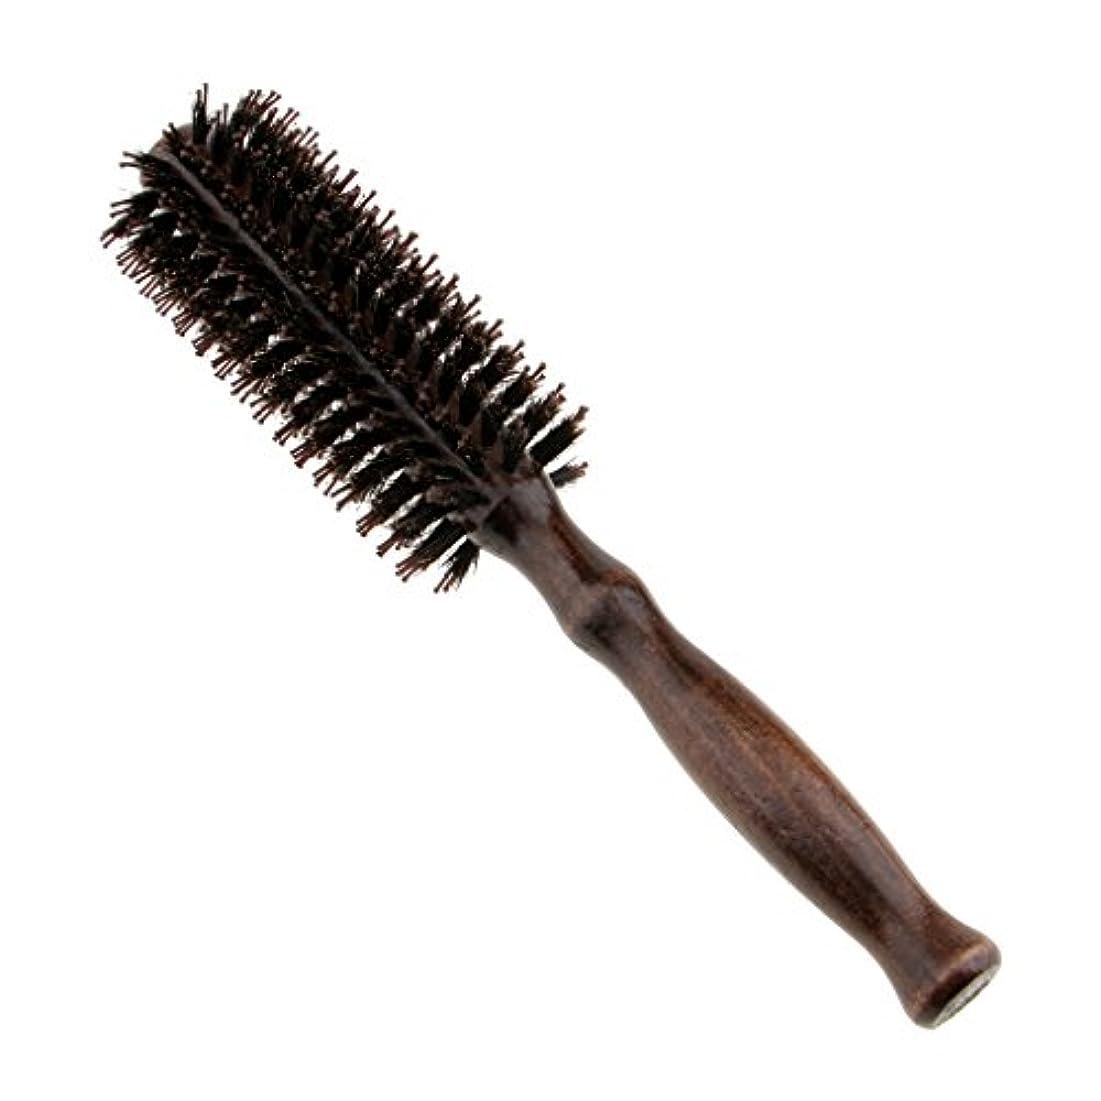 シェフリハーサル吹雪ラウンドウッドのハンドルヘアブラシの理髪美容カールヘアブラシのブラシ - #1